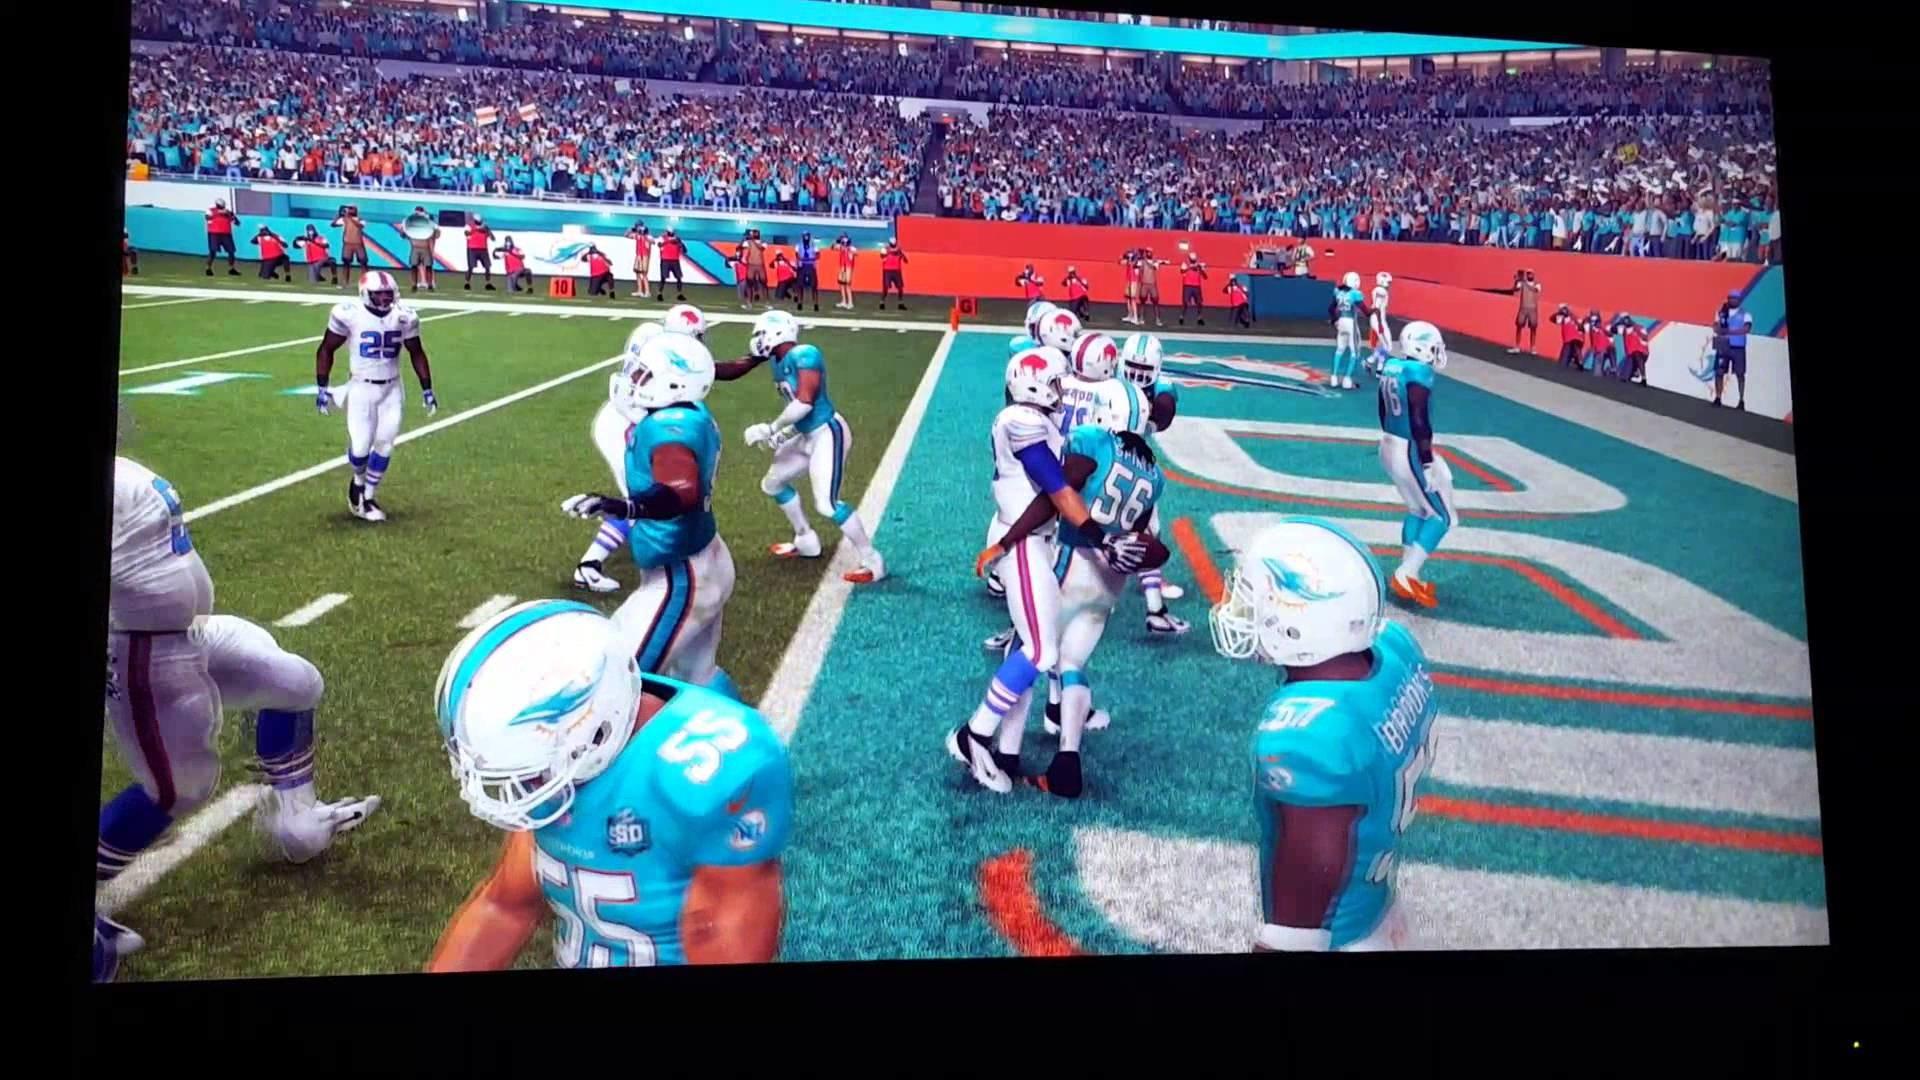 Madden 16 Buffalo Bill's Touchdown Dirty Dancing